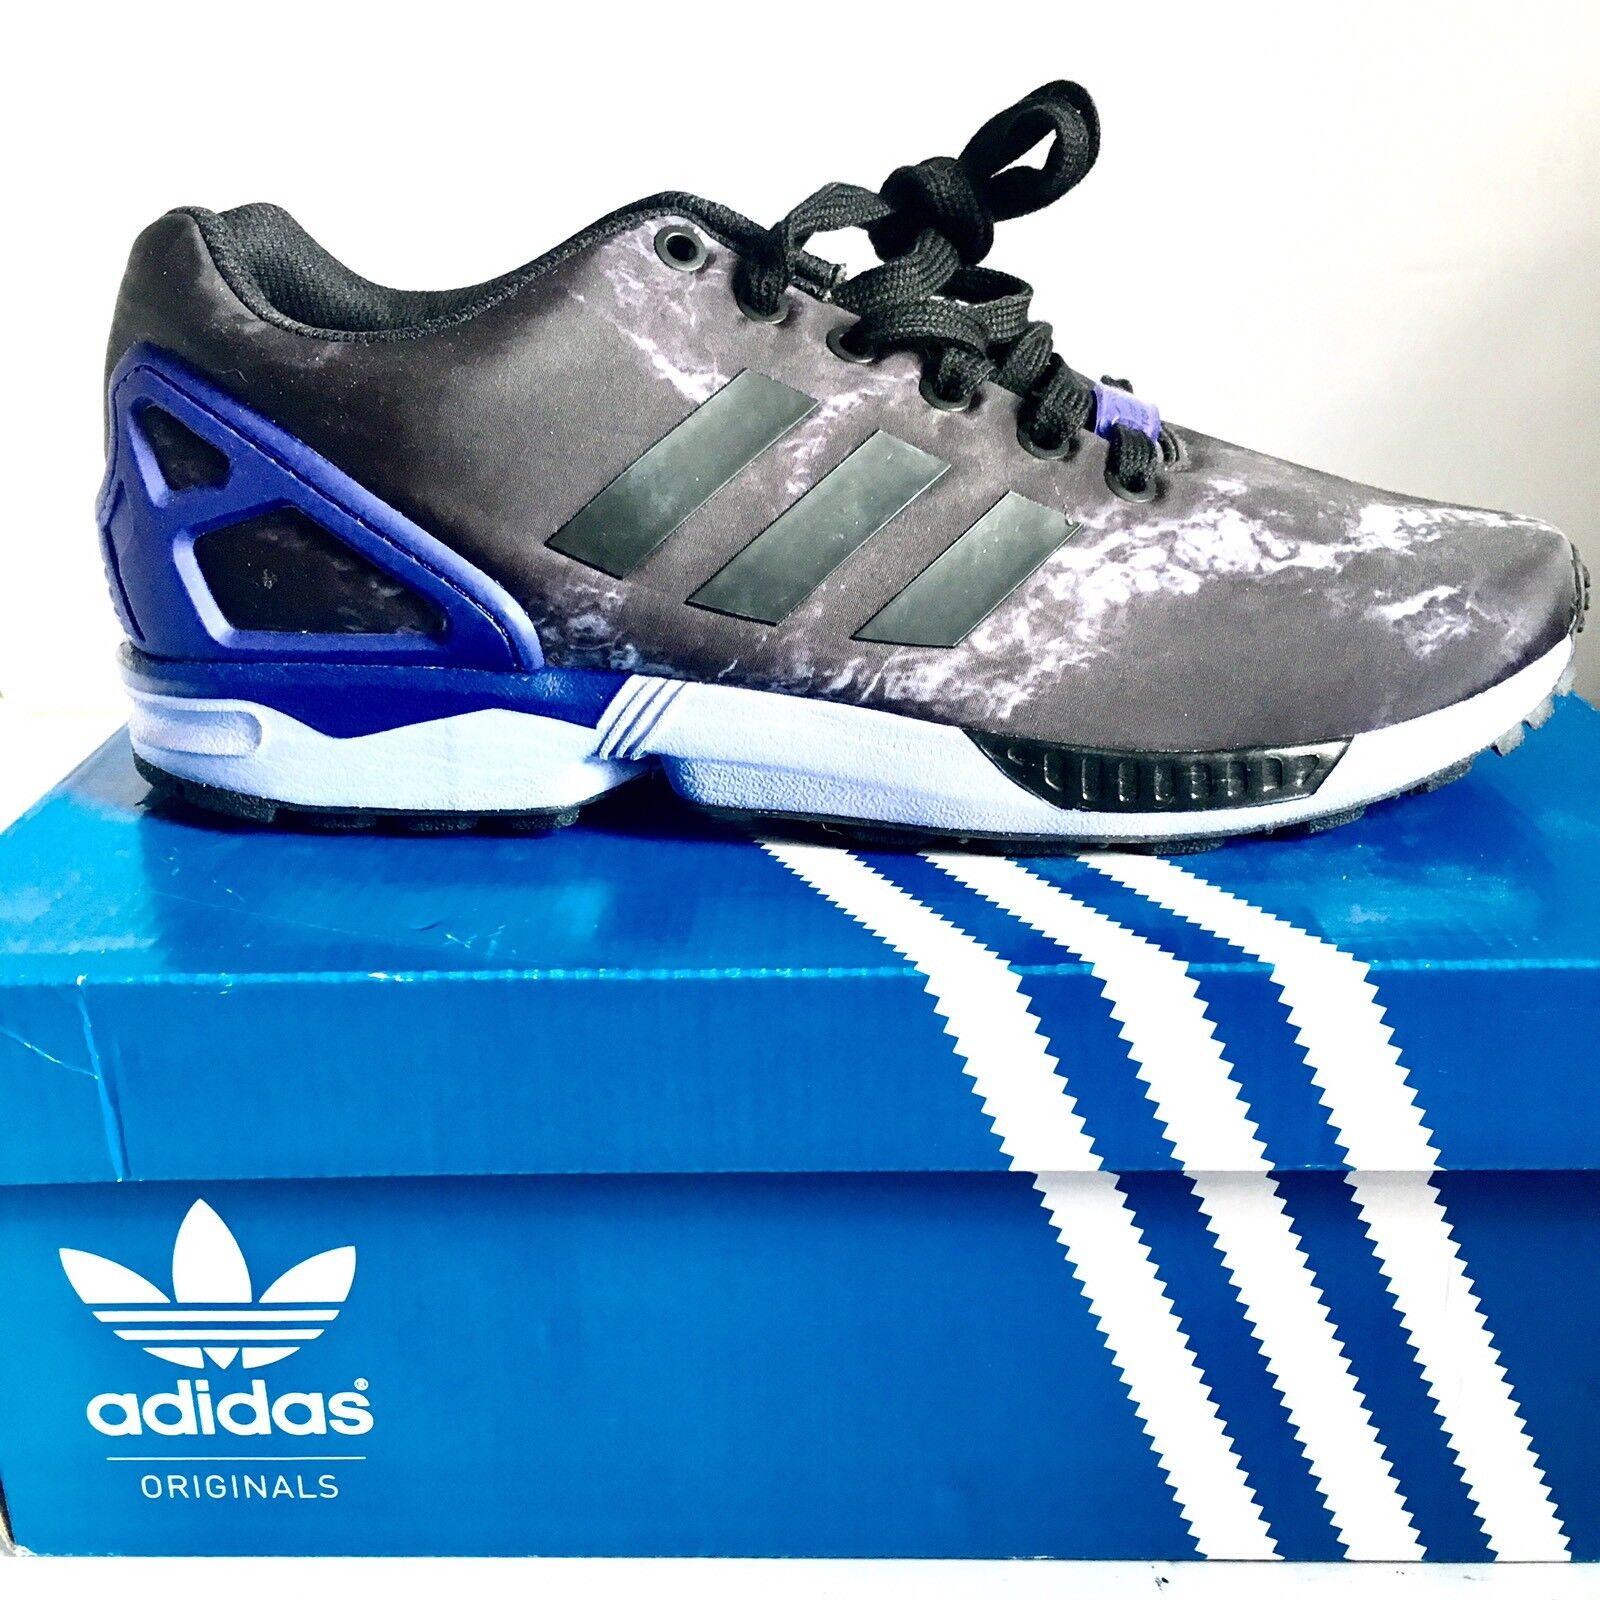 Adidas zx donna, flusso in nero della donna, zx formazione viola scarpa da ginnastica taglia 9,5 m 3ddb6a